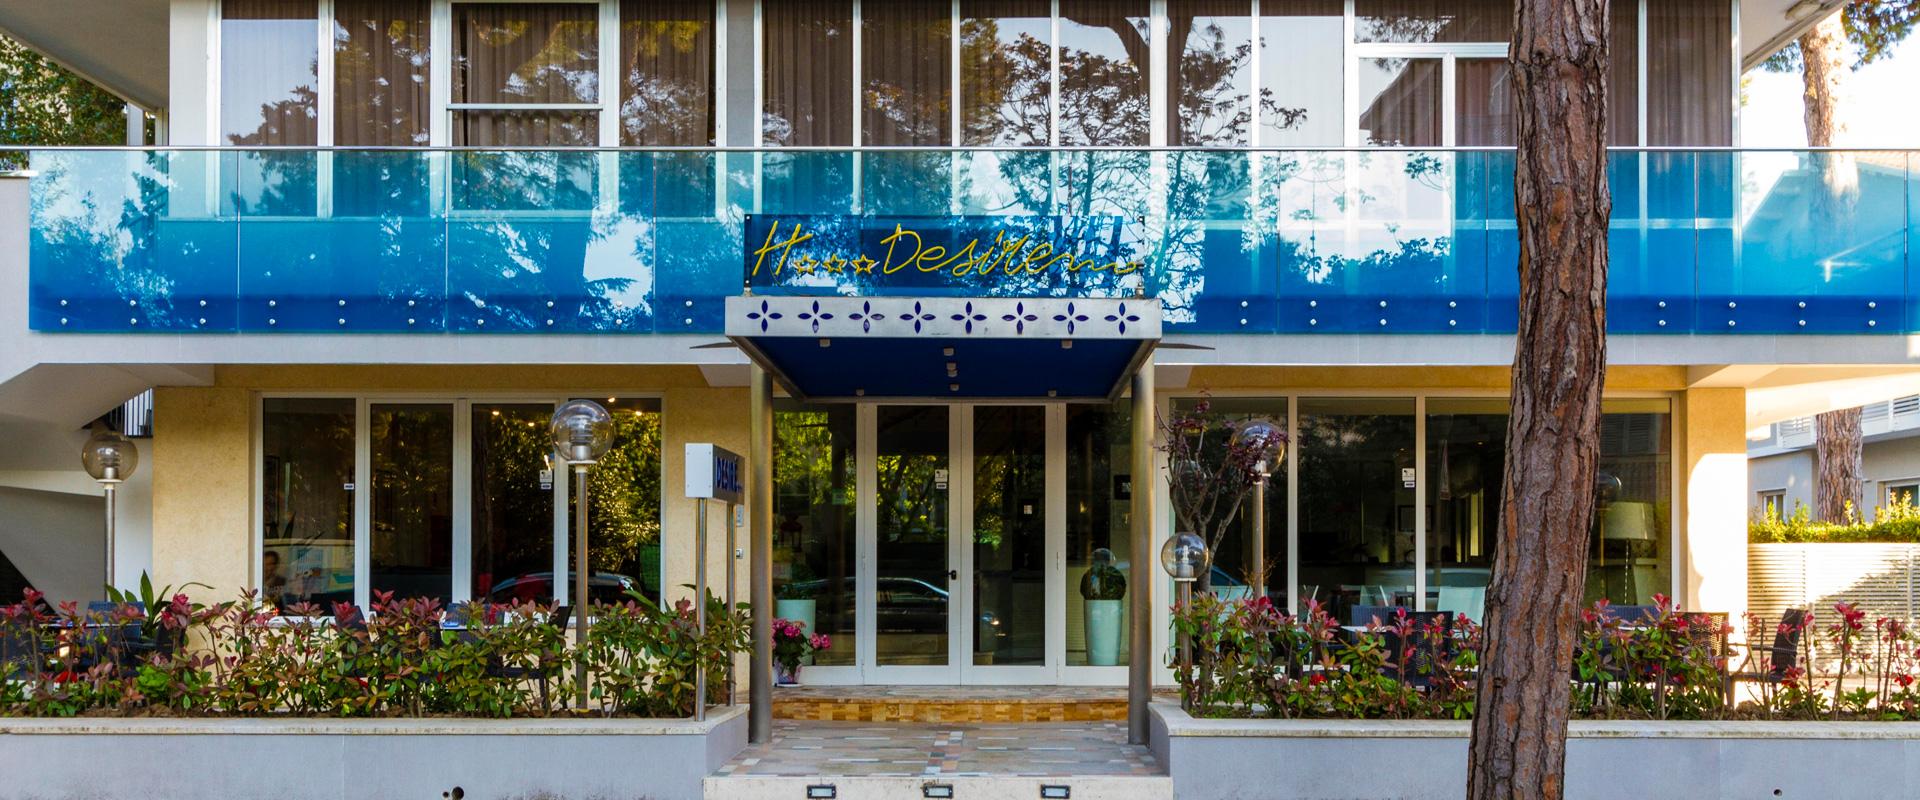 Hotel Desire Riccione